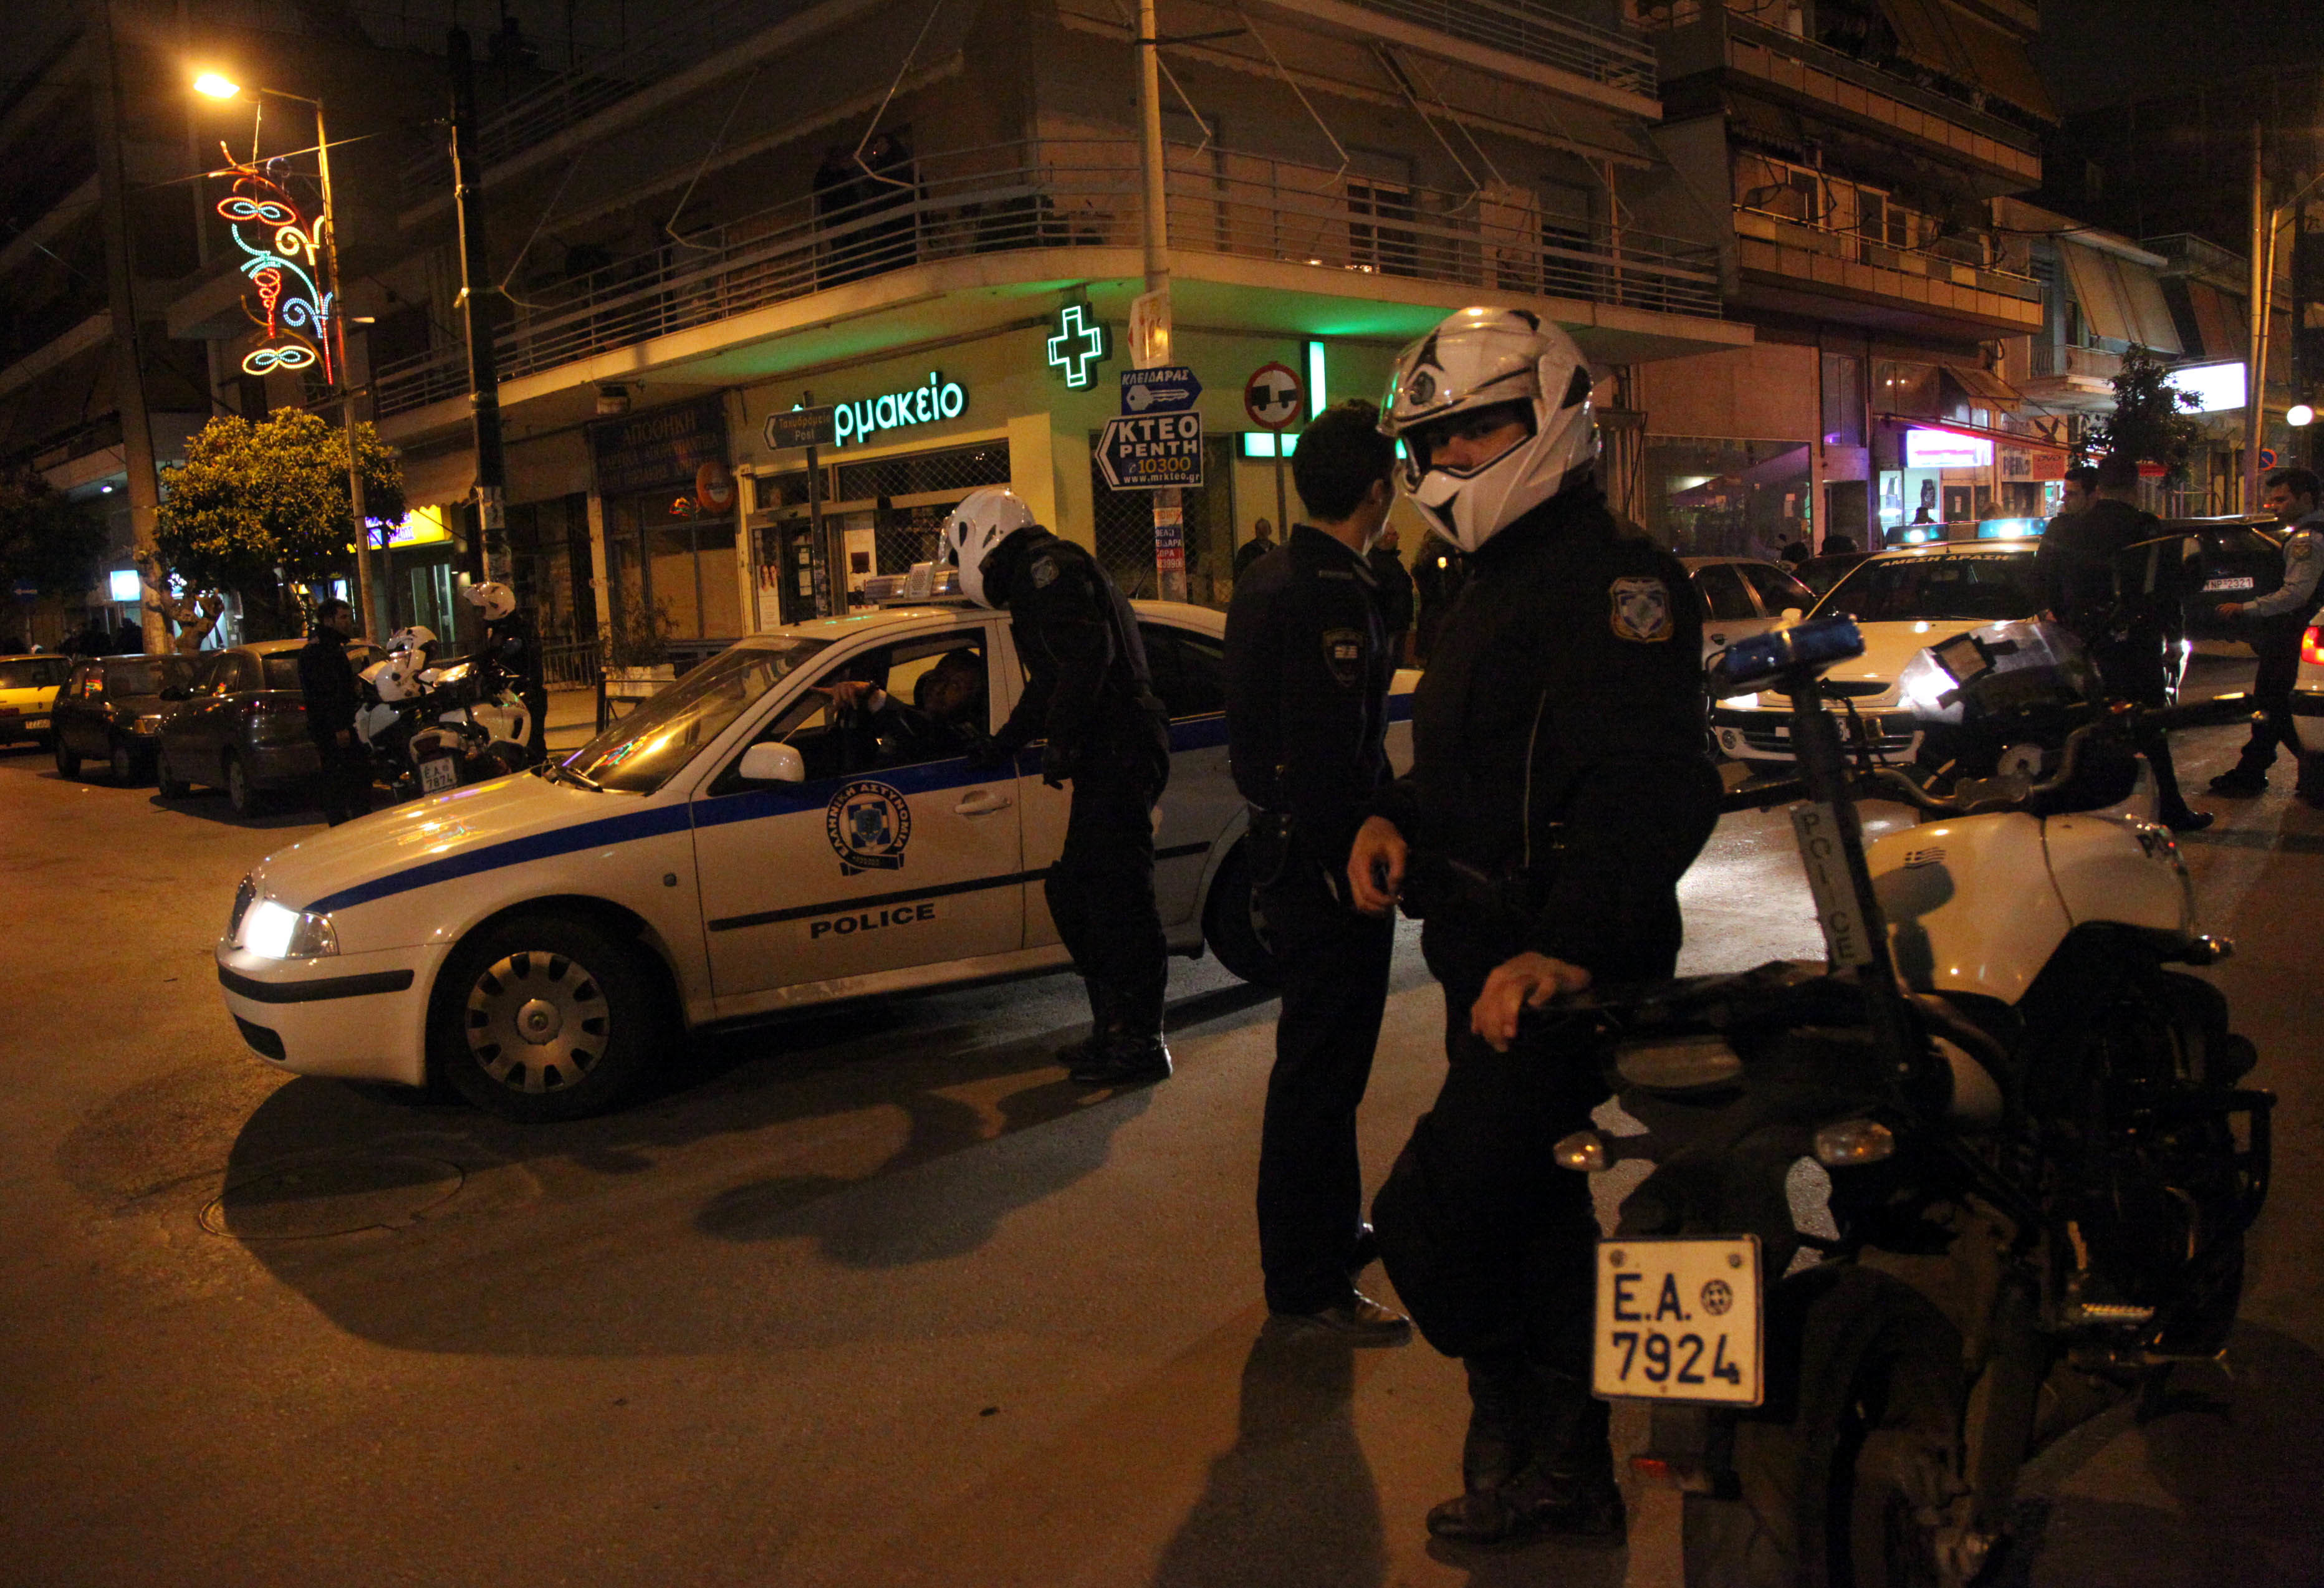 Μια σπείρα ληστών περιπτέρων που παρακολουθούσε η ΕΛΑΣ δολοφόνησε δυο αστυνομικούς!